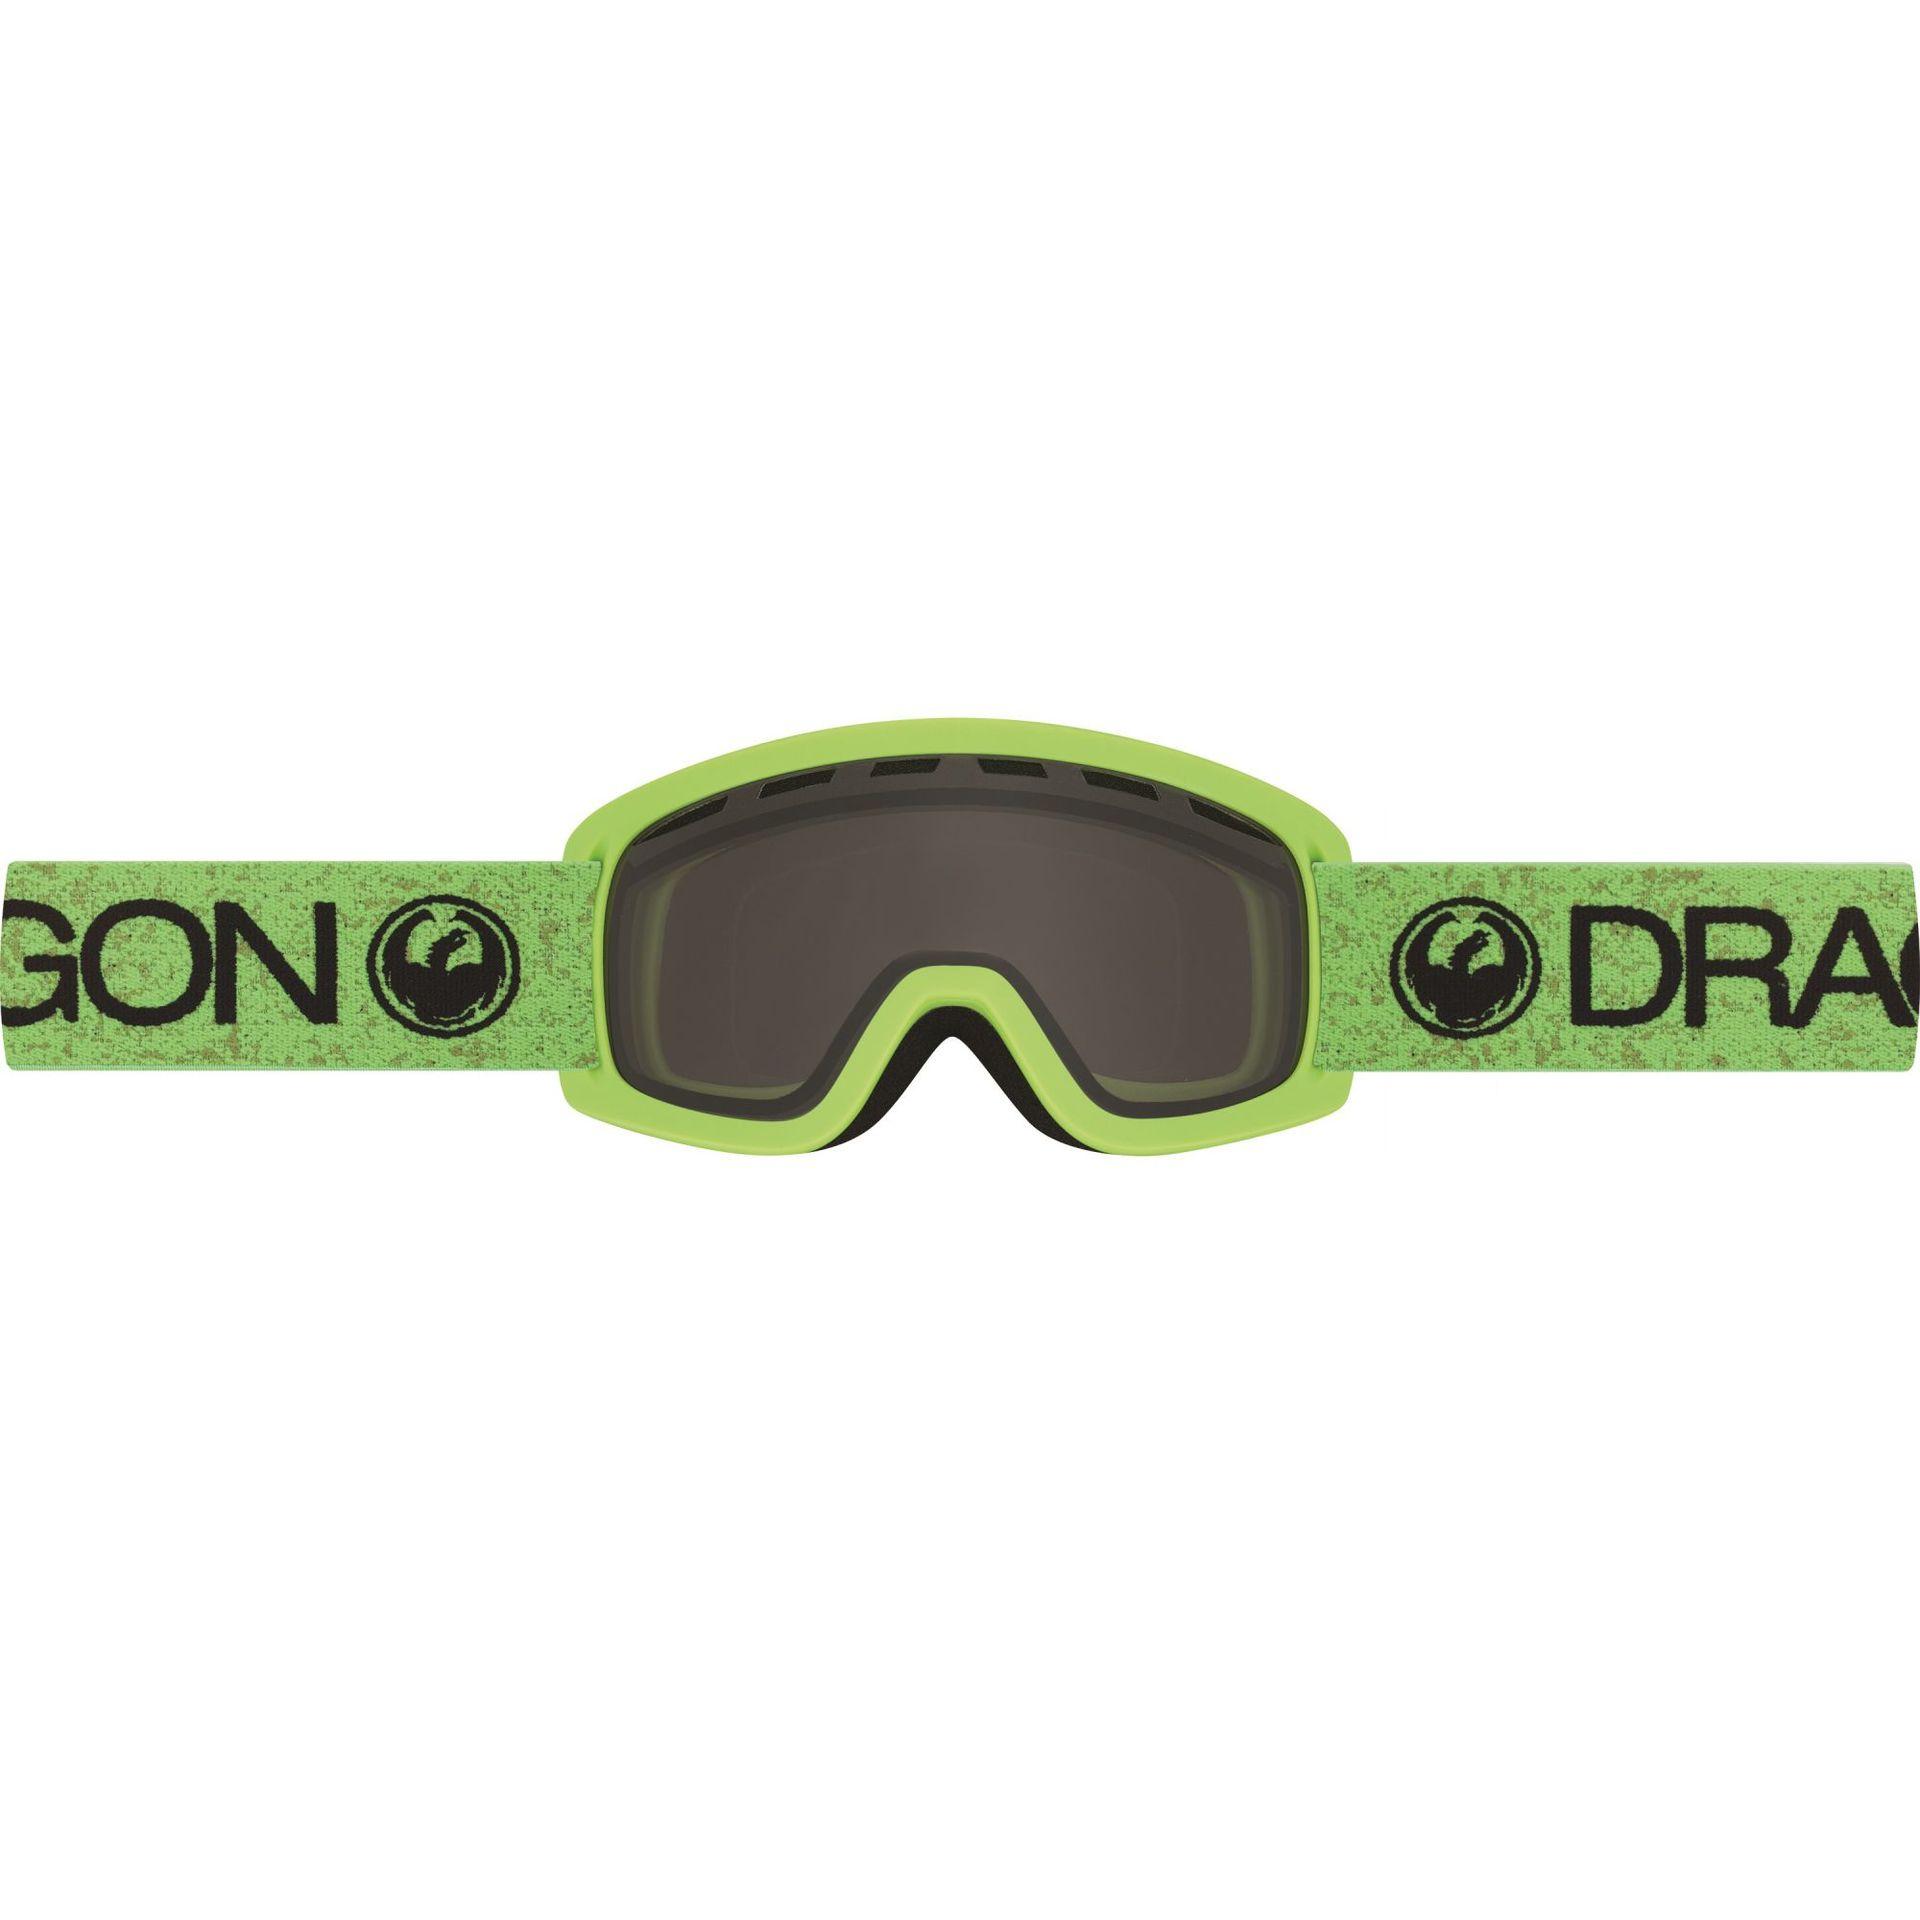 GOGLE DRAGON LIL D 6344 1